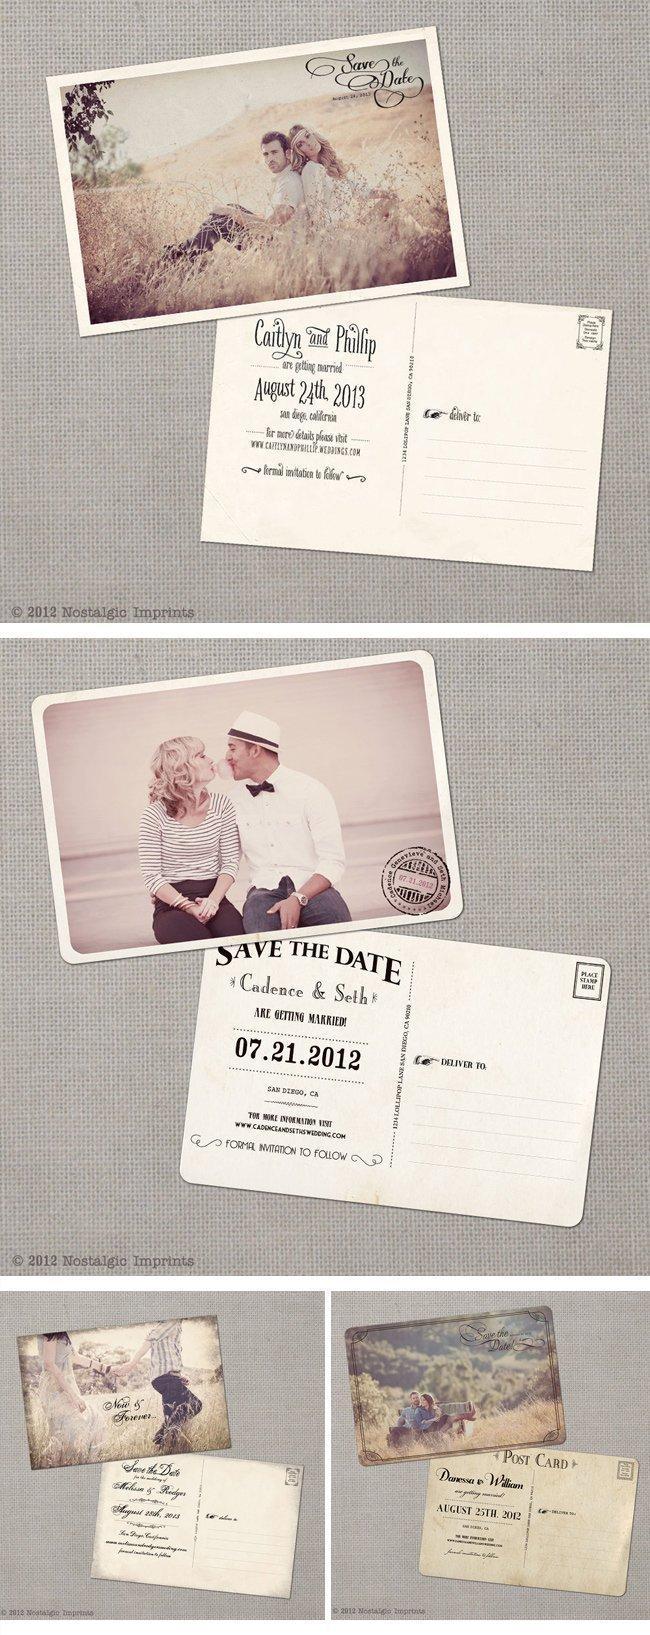 Nostalgic Imprints Vintage Hochzeitseinladungen Vintage Wedding